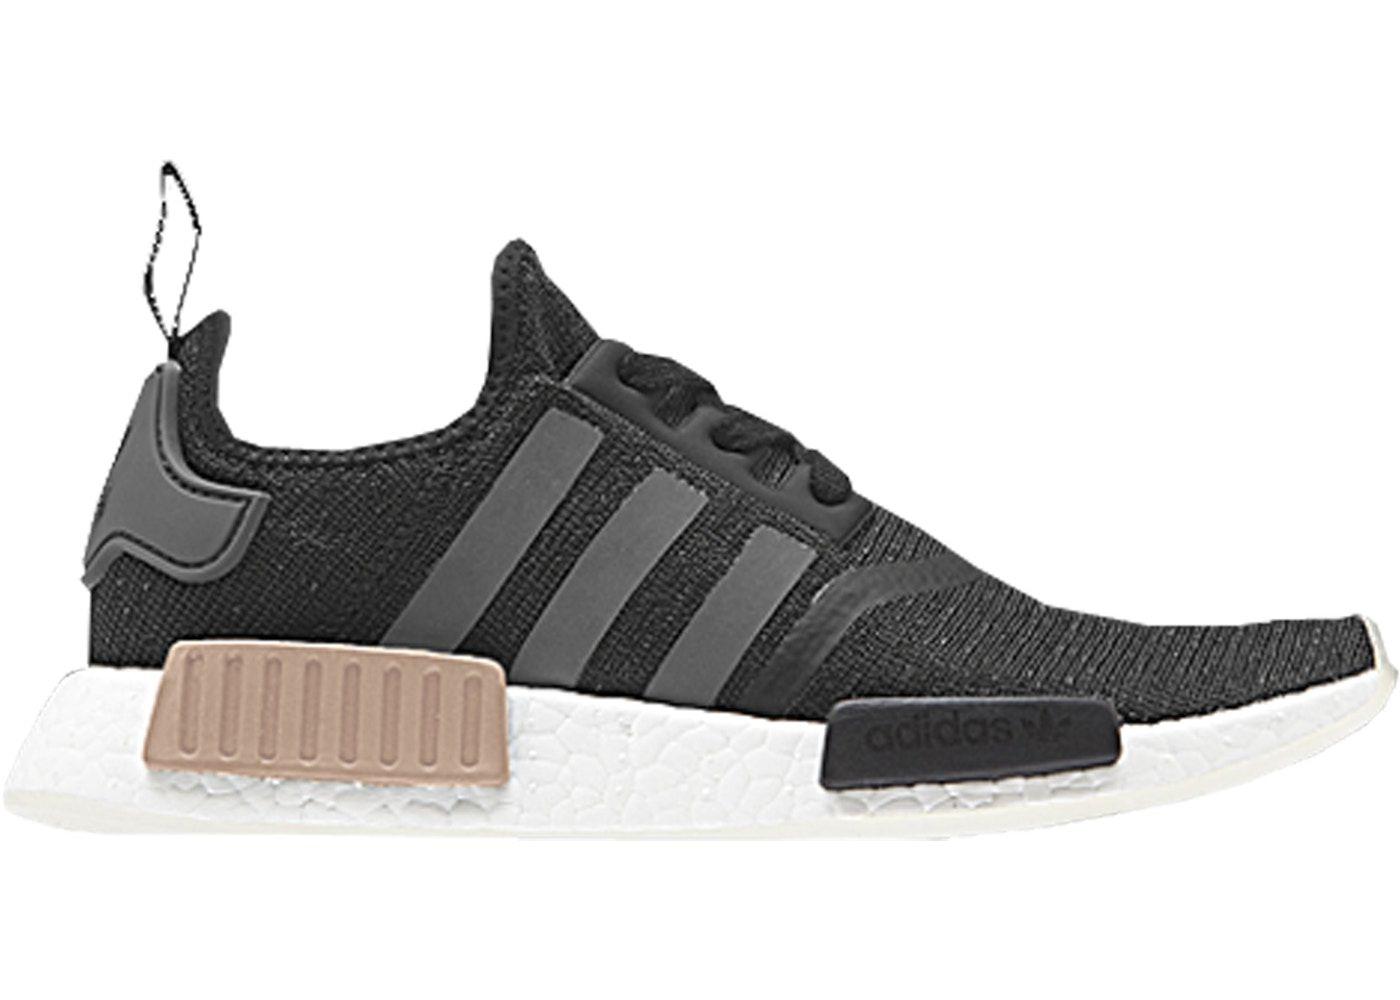 adidas NMD R1 Black Carbon (W) | Adidas nmd r1, Adidas